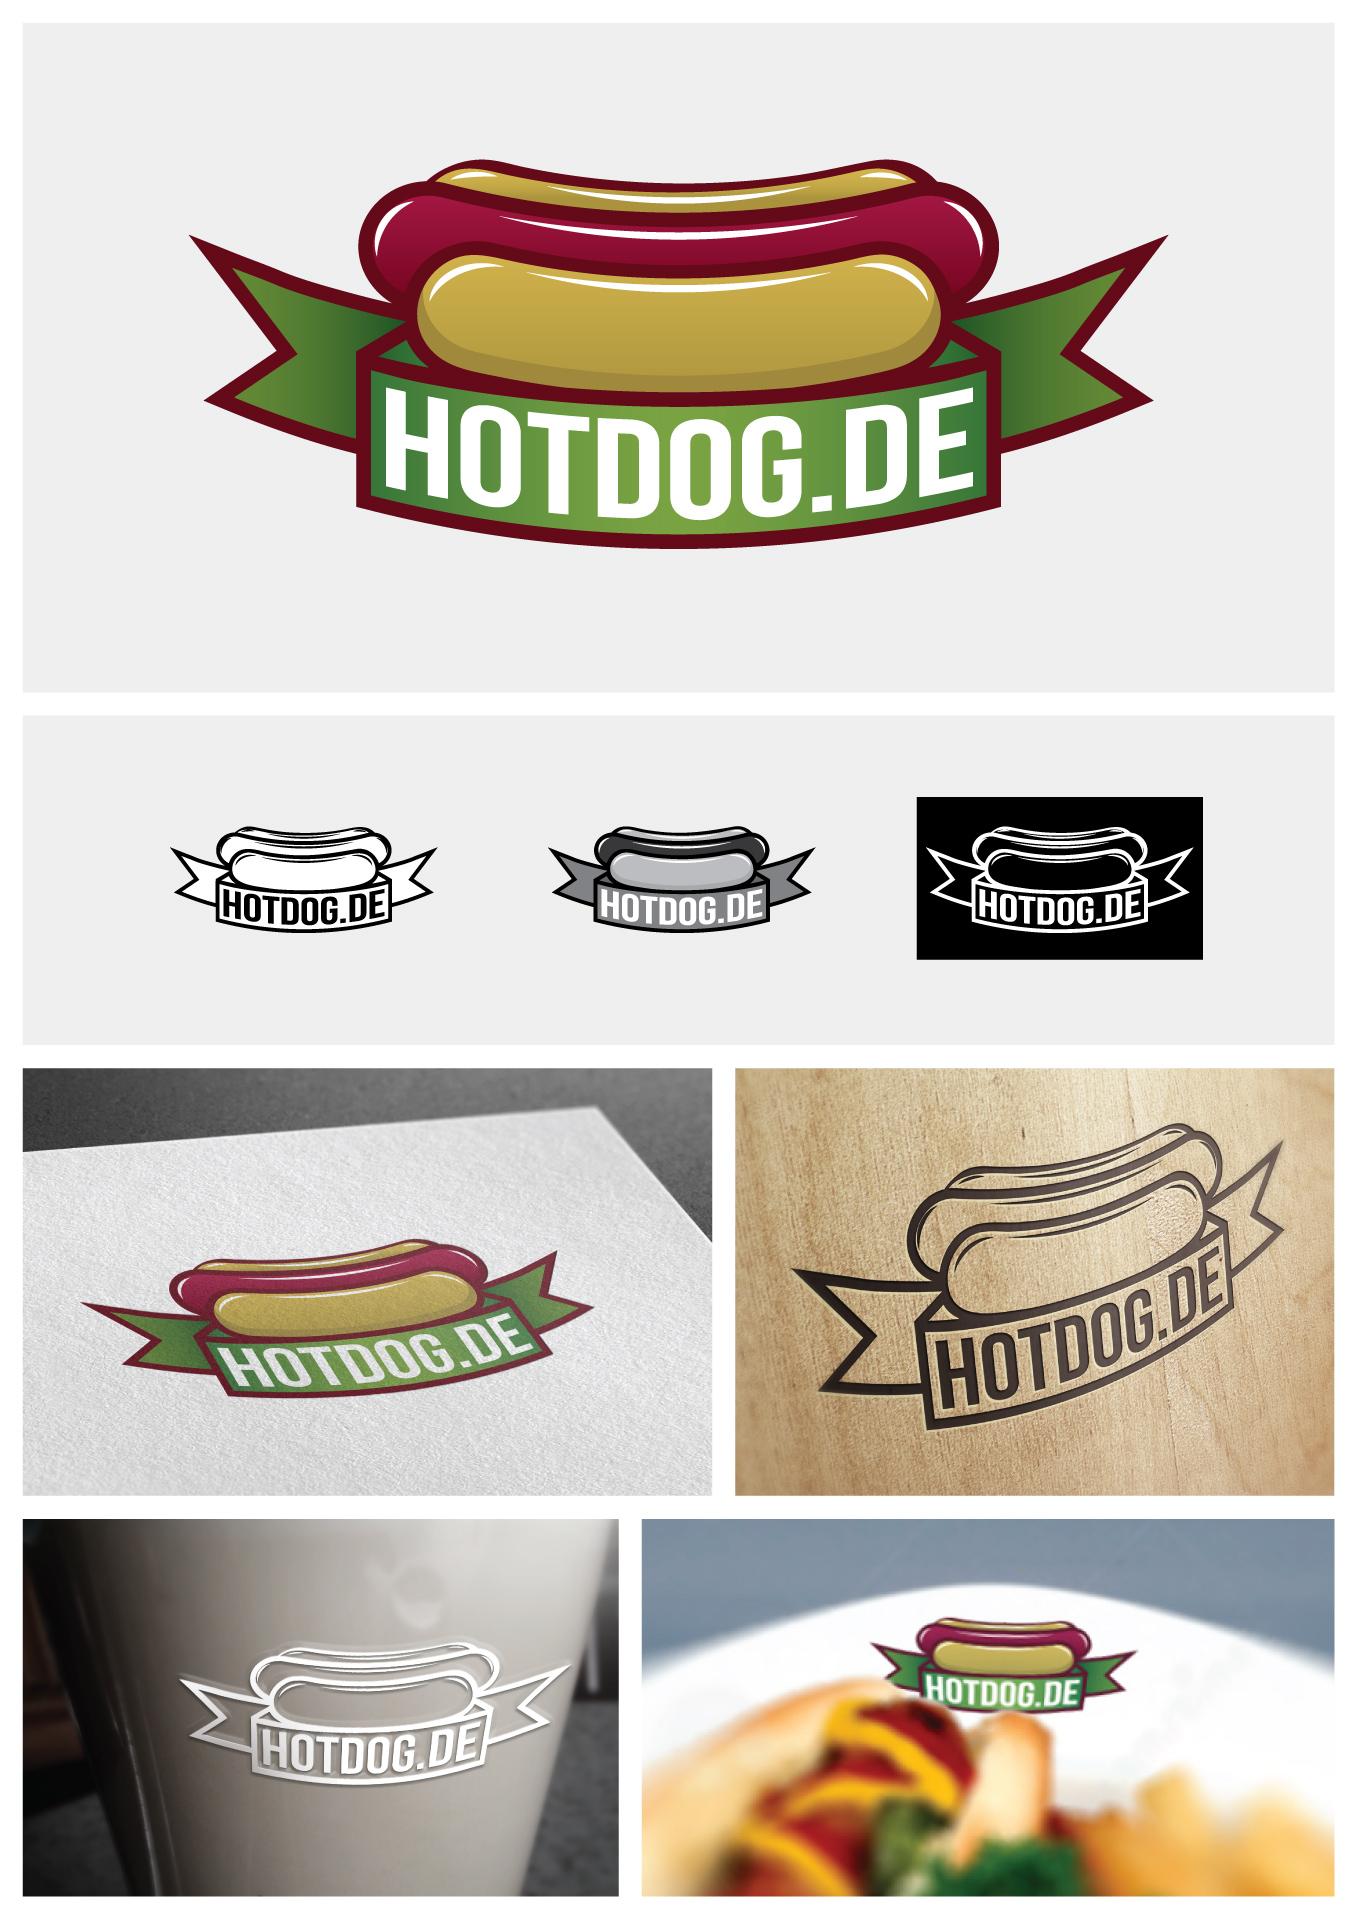 hotdog-de-01